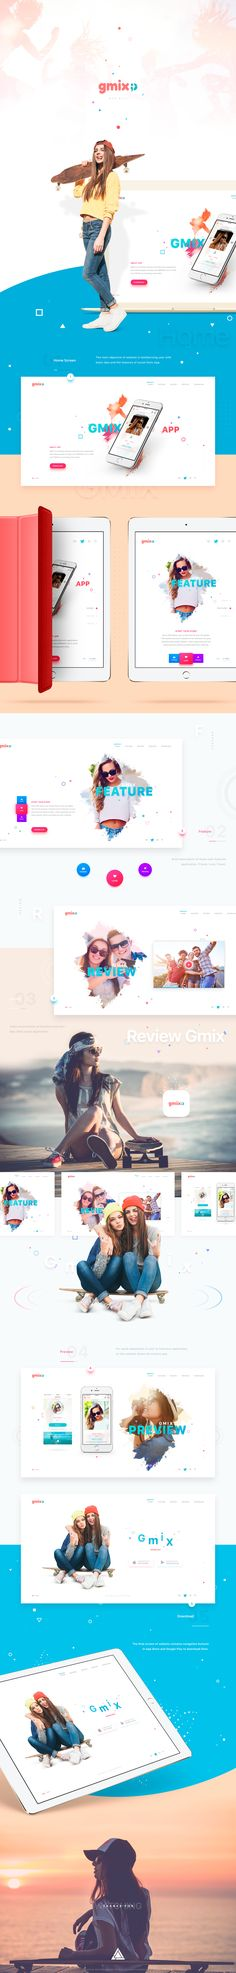 Website designed for new social app.